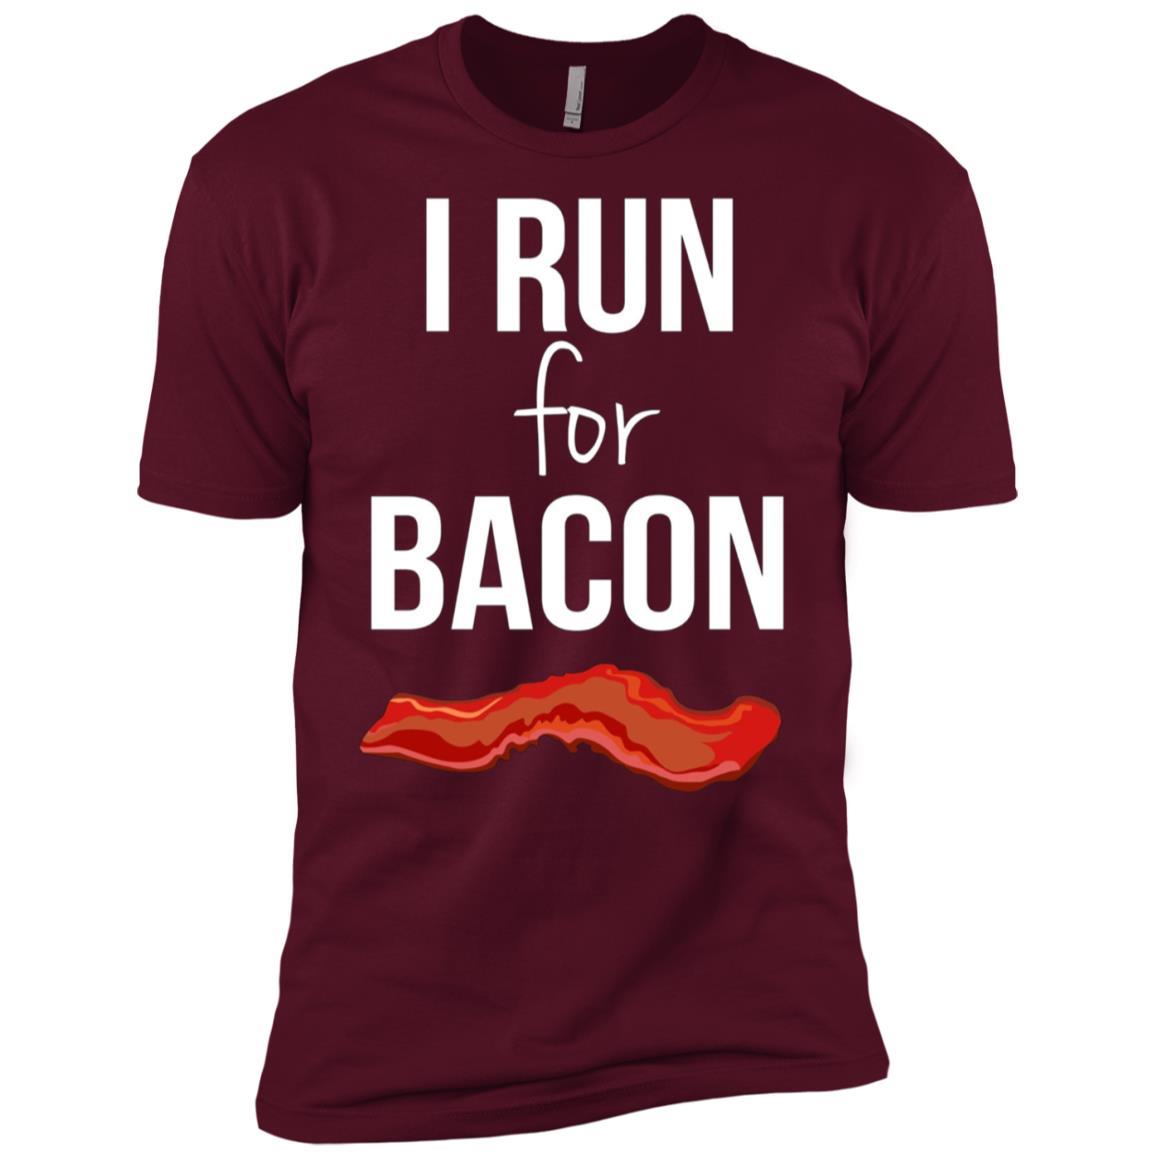 I Run for Bacon Funny Running Men Short Sleeve T-Shirt